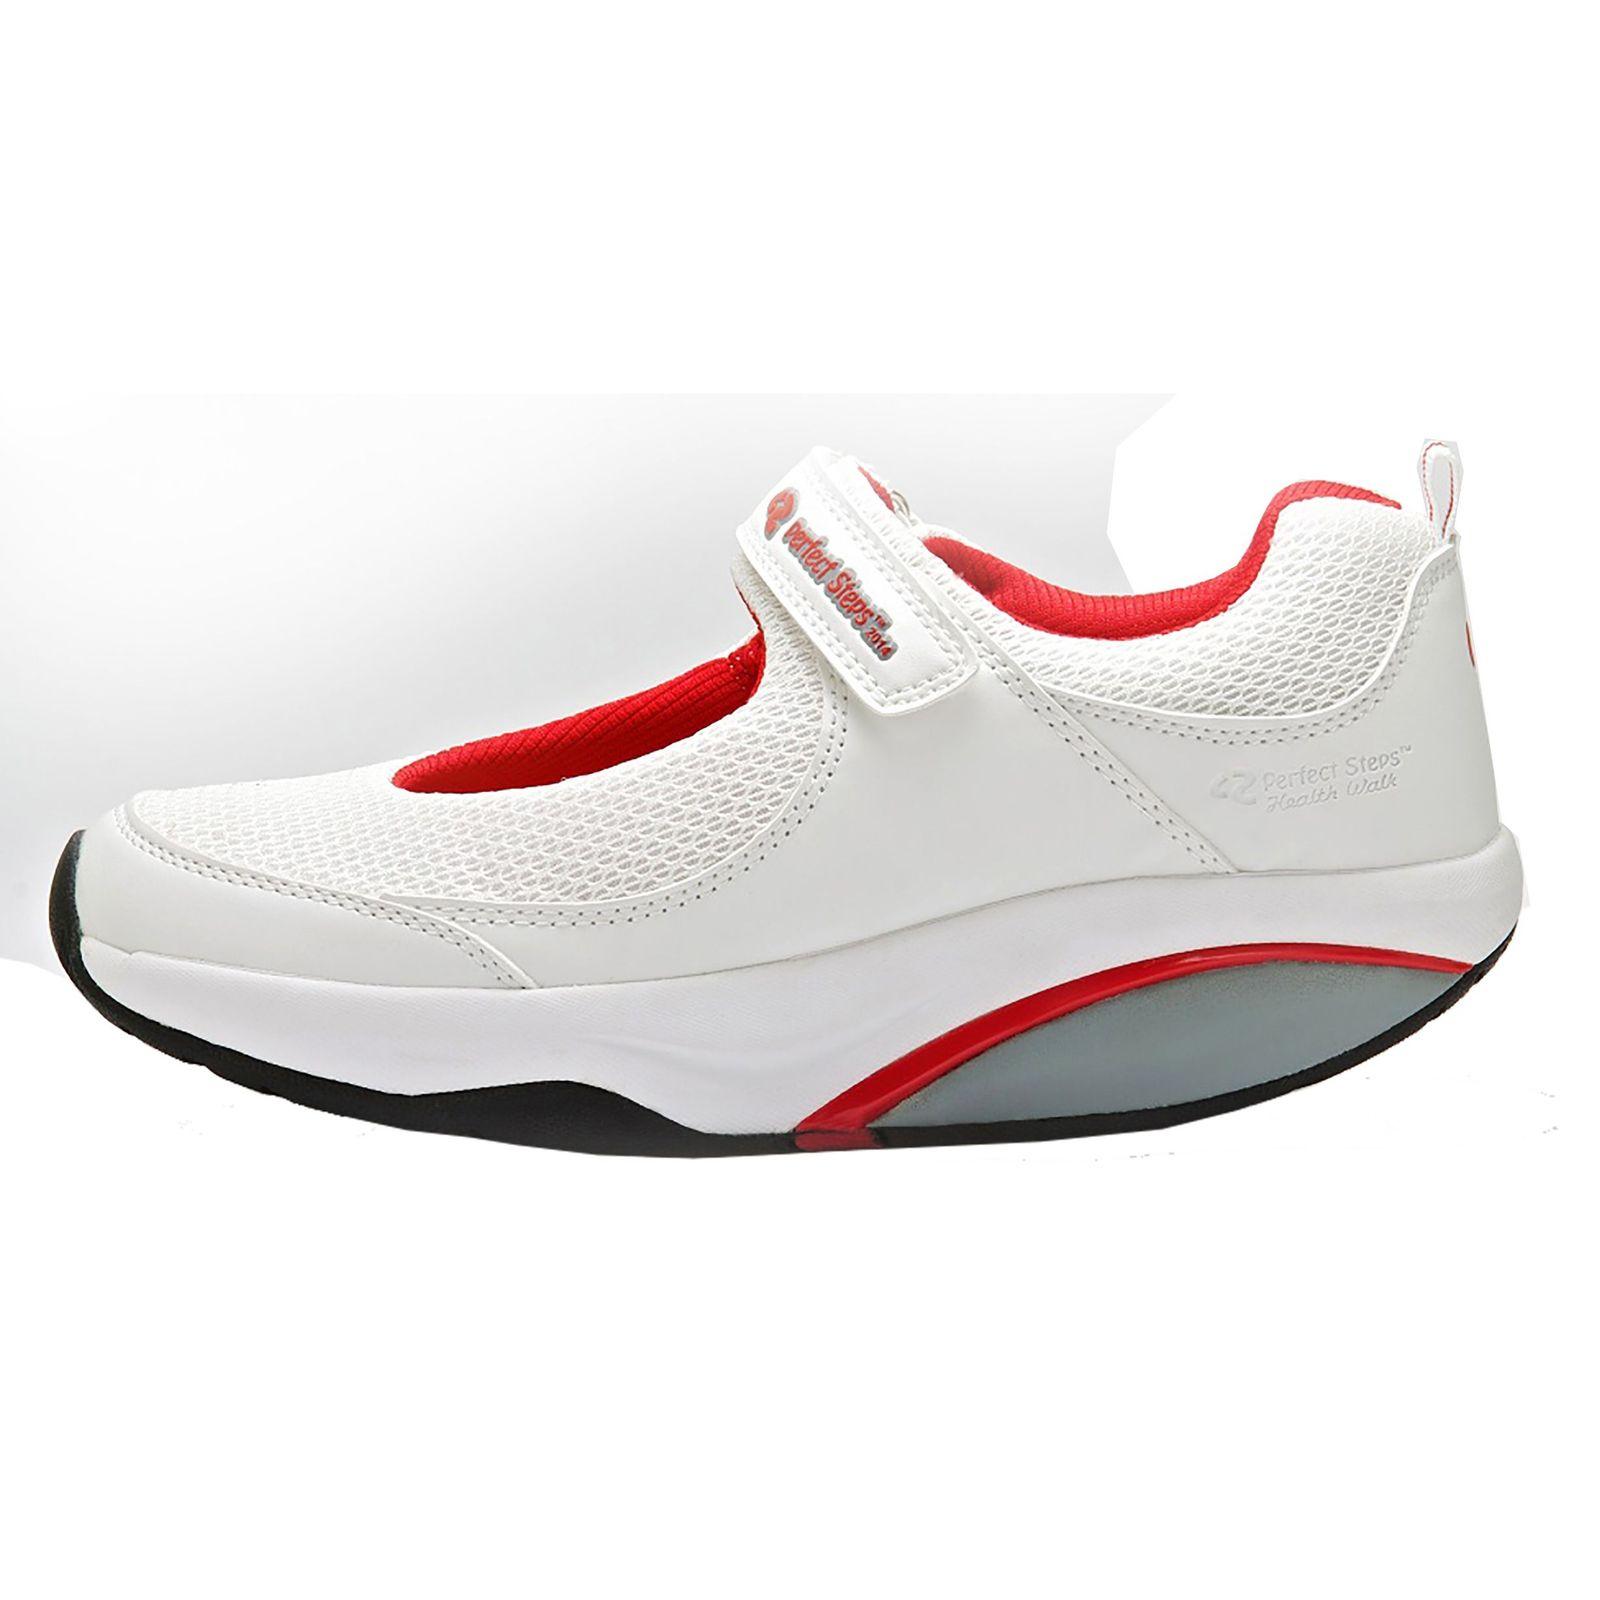 کفش مخصوص پیاده روی زنانه پرفکت استپس مدل آرمیس main 1 1